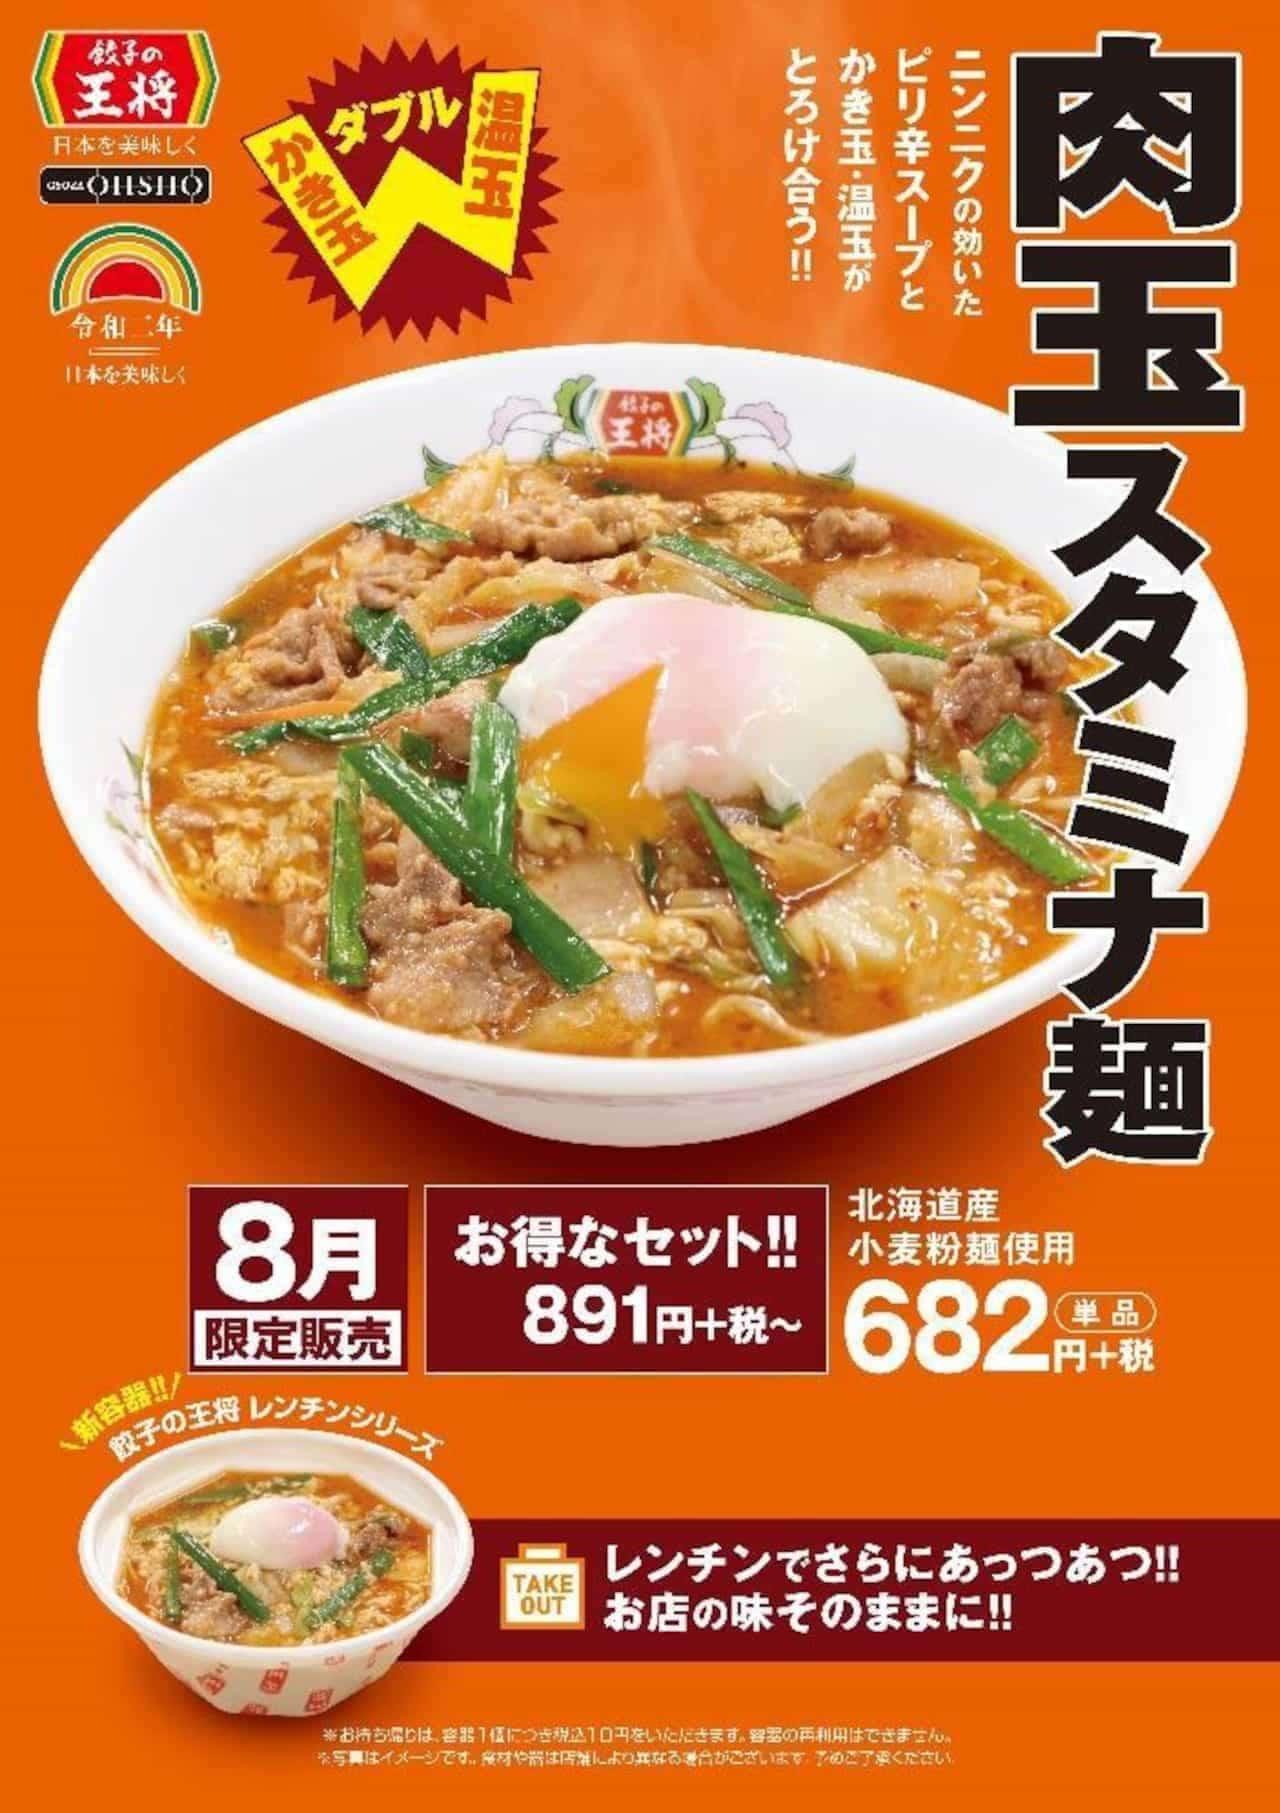 餃子の王将に「肉玉スタミナ麺」